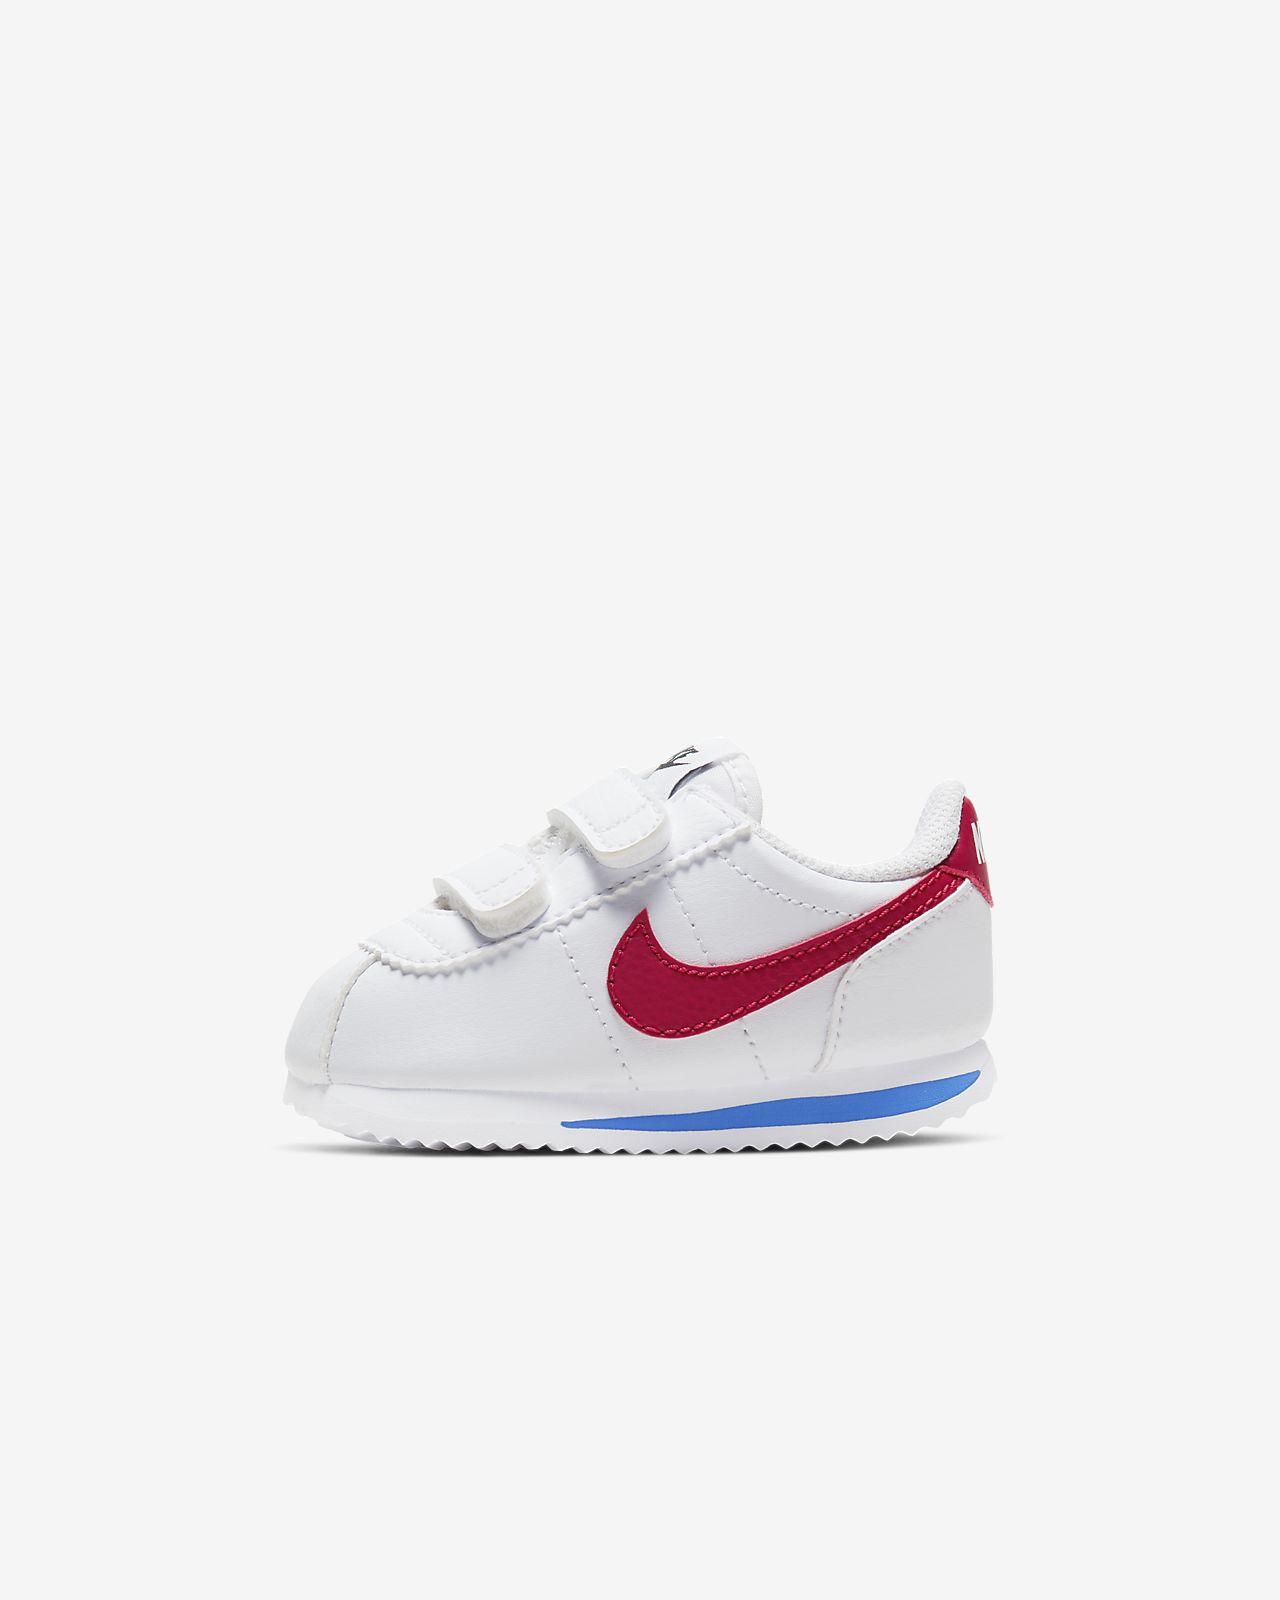 Nike Cortez Basic SL Infant/Toddler Shoe